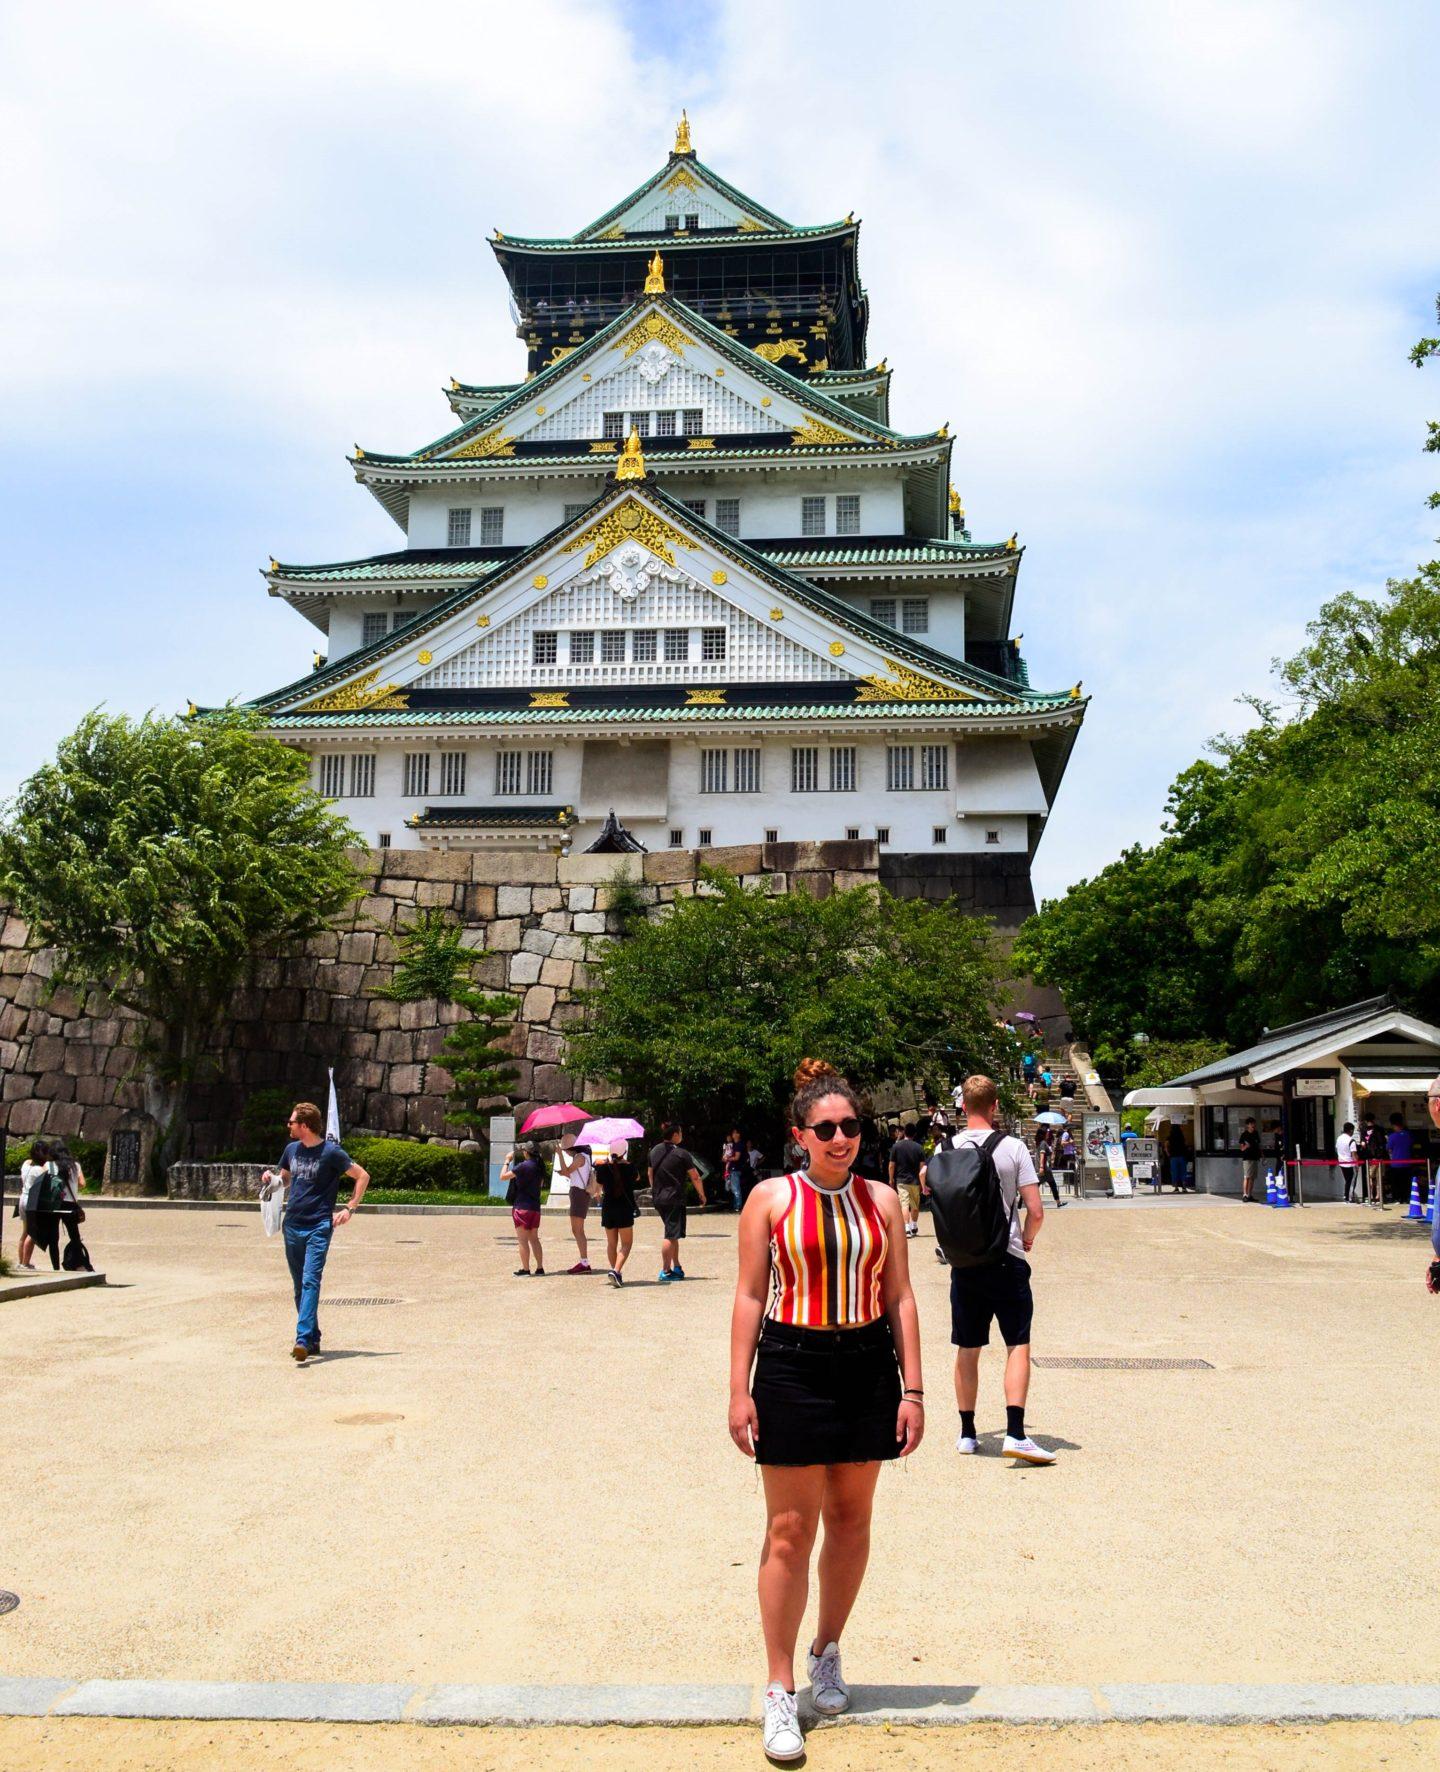 ragazza davanti a castello con pagode